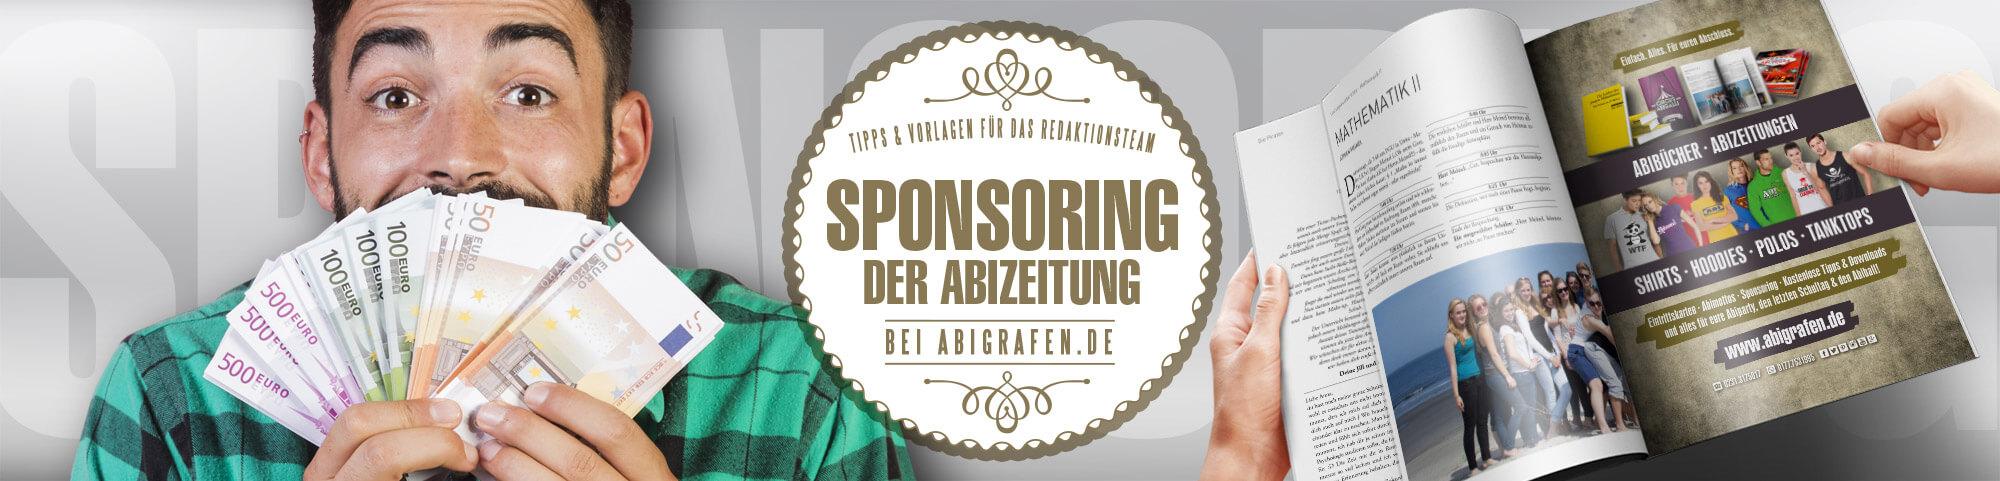 Tipps für das Abibuch-Komitee/Redaktionsteam/Sponsoringteam: Durch Sponsoring mit Werbeanzeigen Druckkosten reduzieren